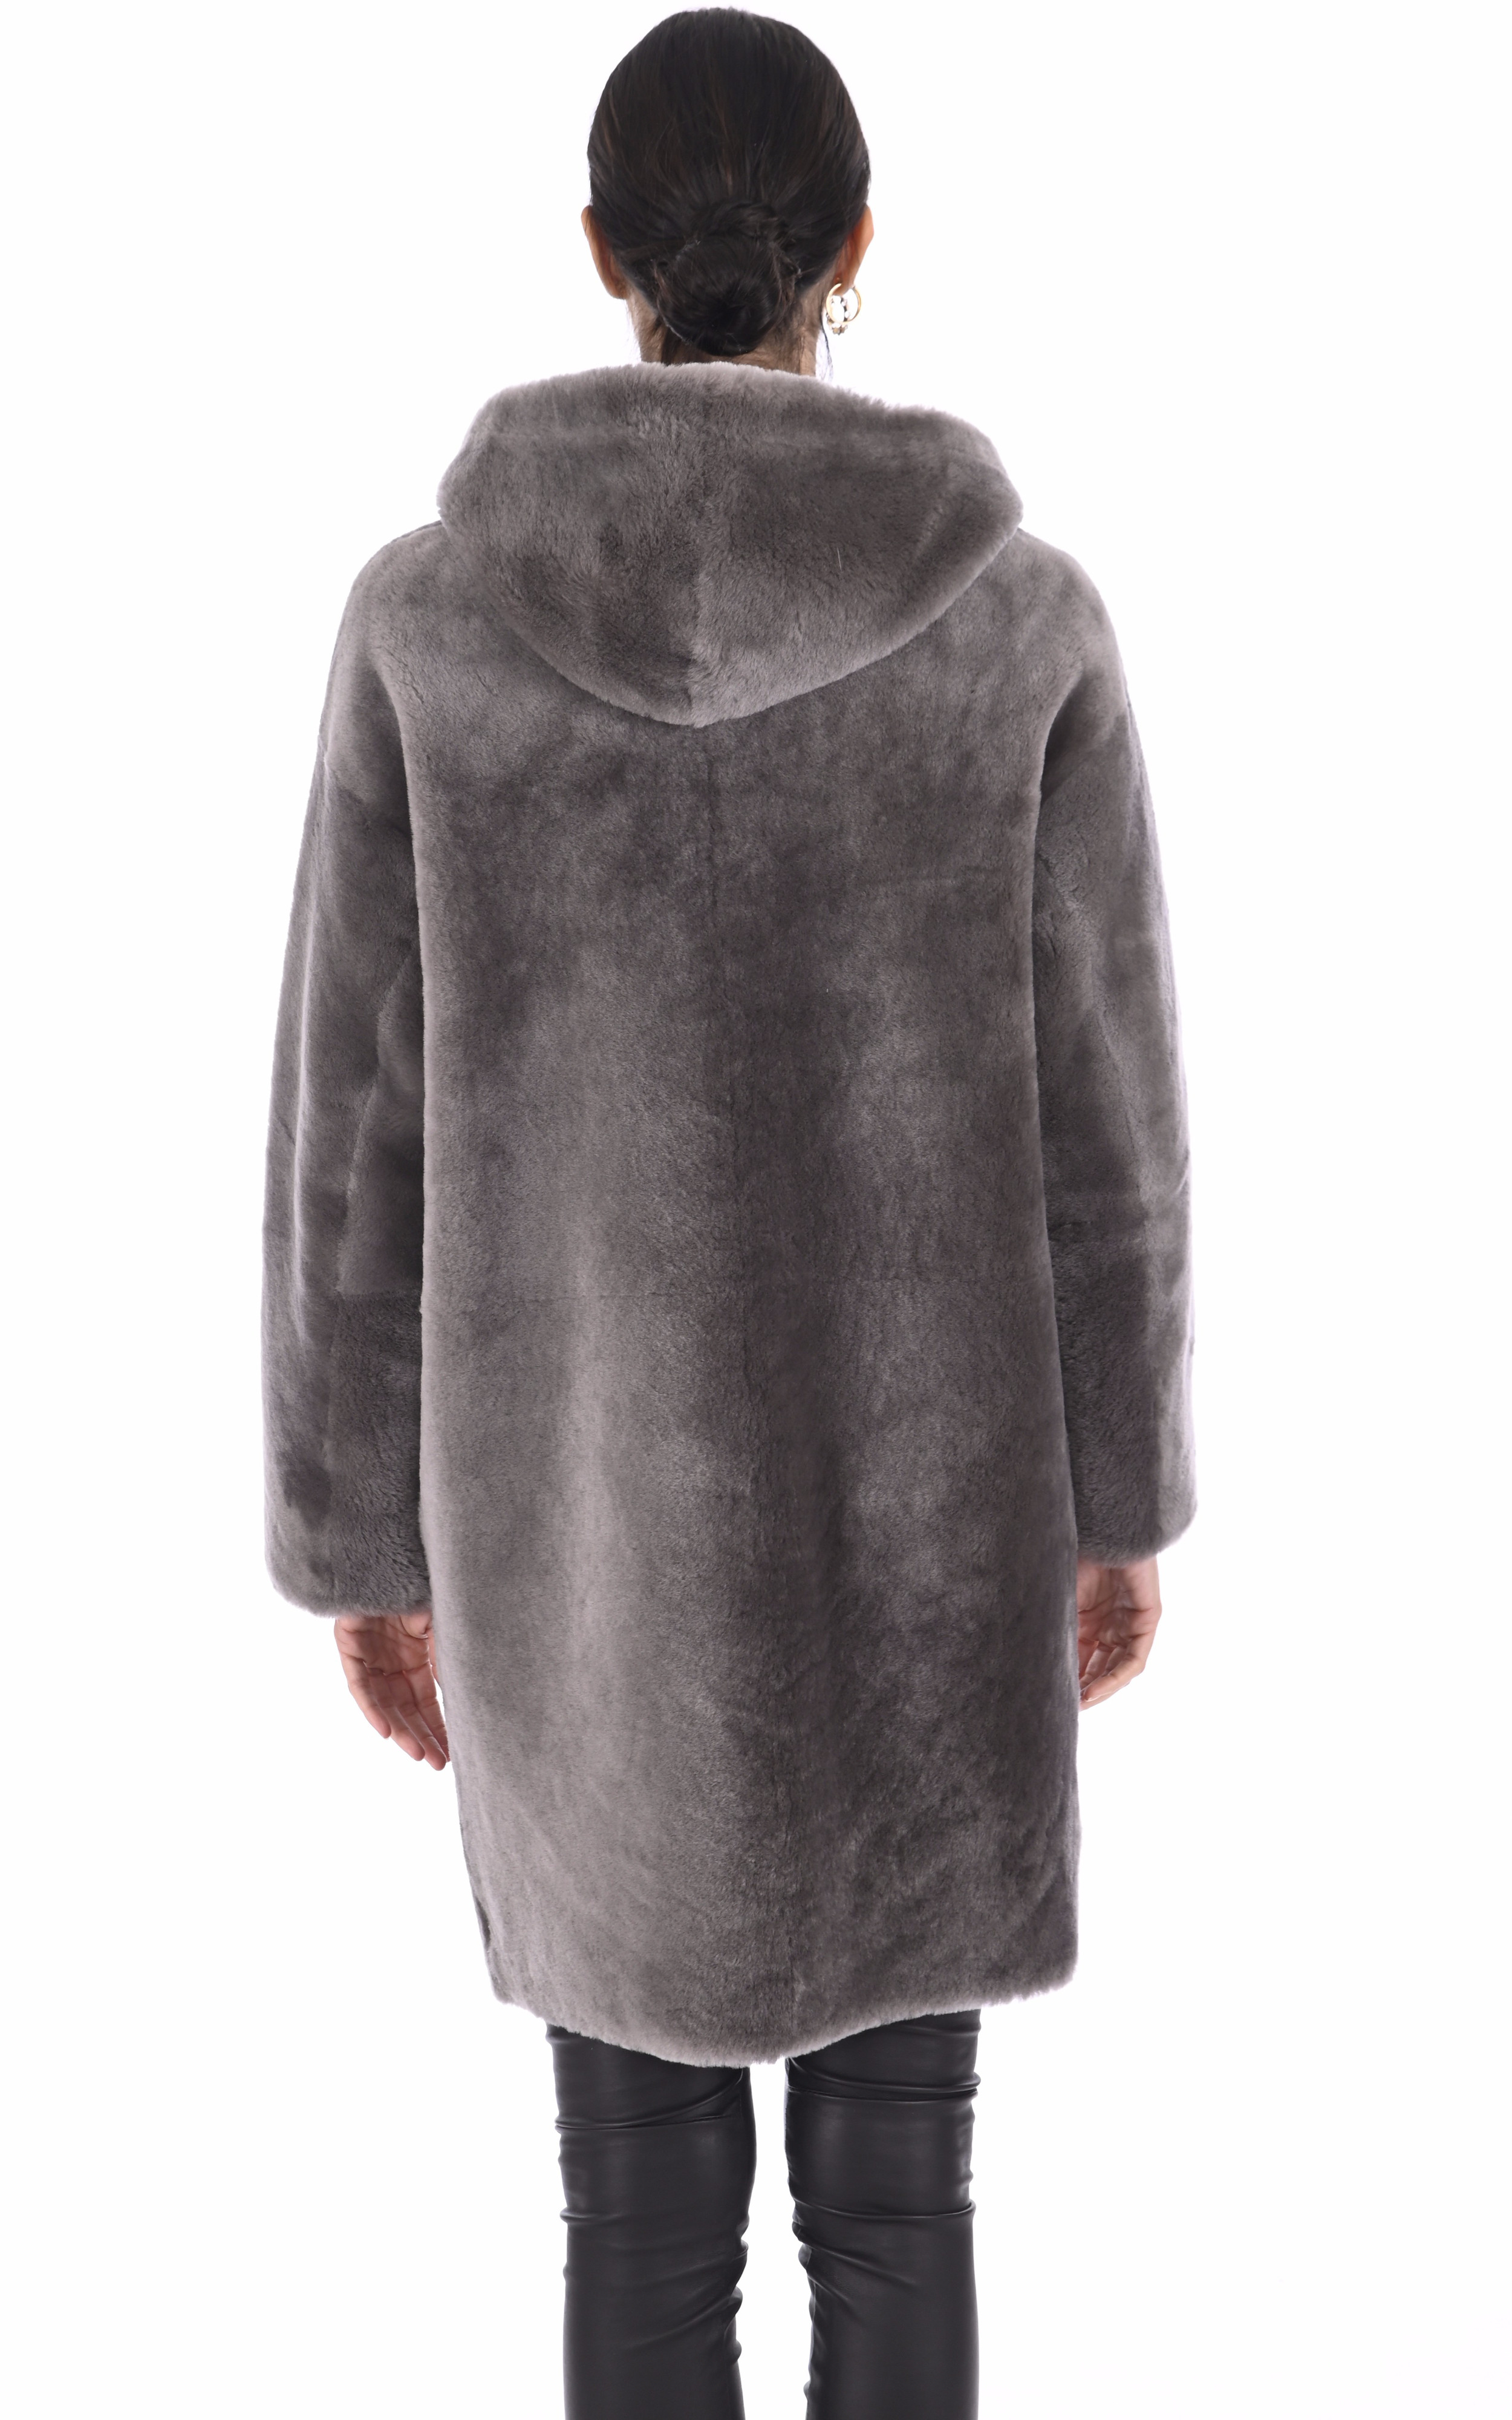 Manteau peau lainée mouton taupe Malène